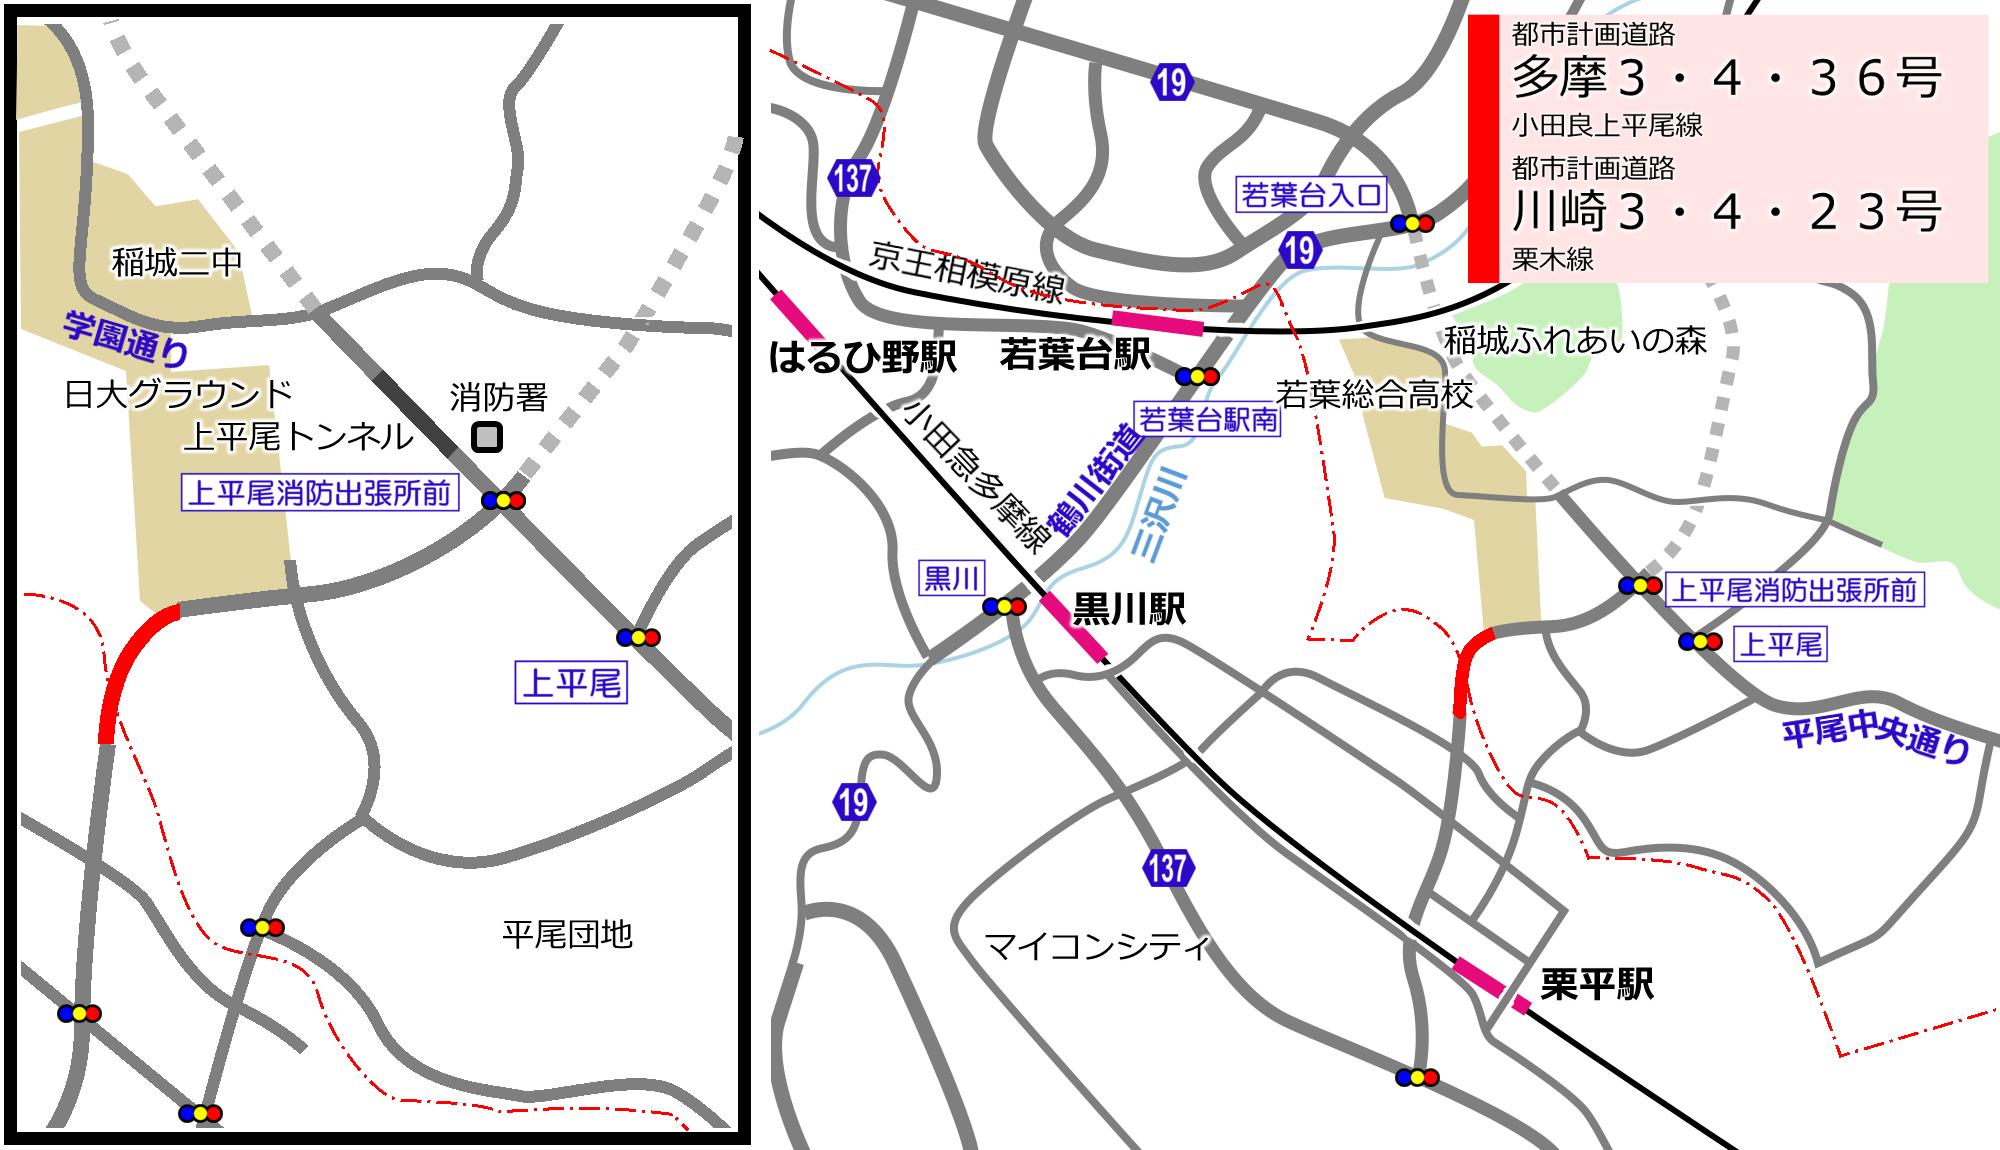 小田良上平尾線・栗木線 開通_a0332275_19225136.png